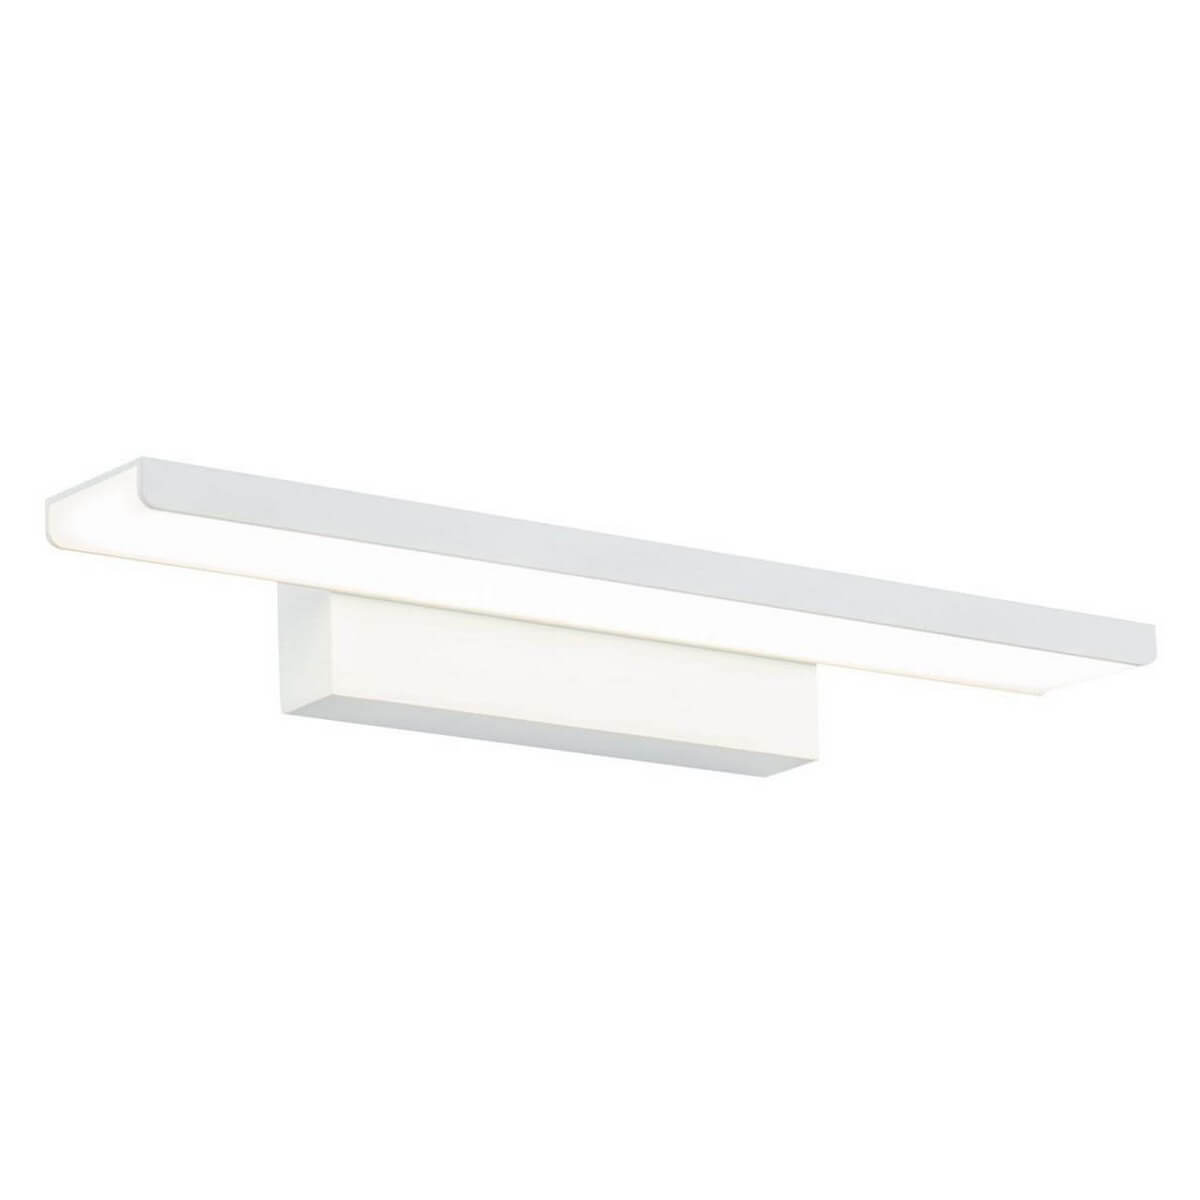 Подсветка для зеркал Maytoni MIR005WL-L16W Gleam